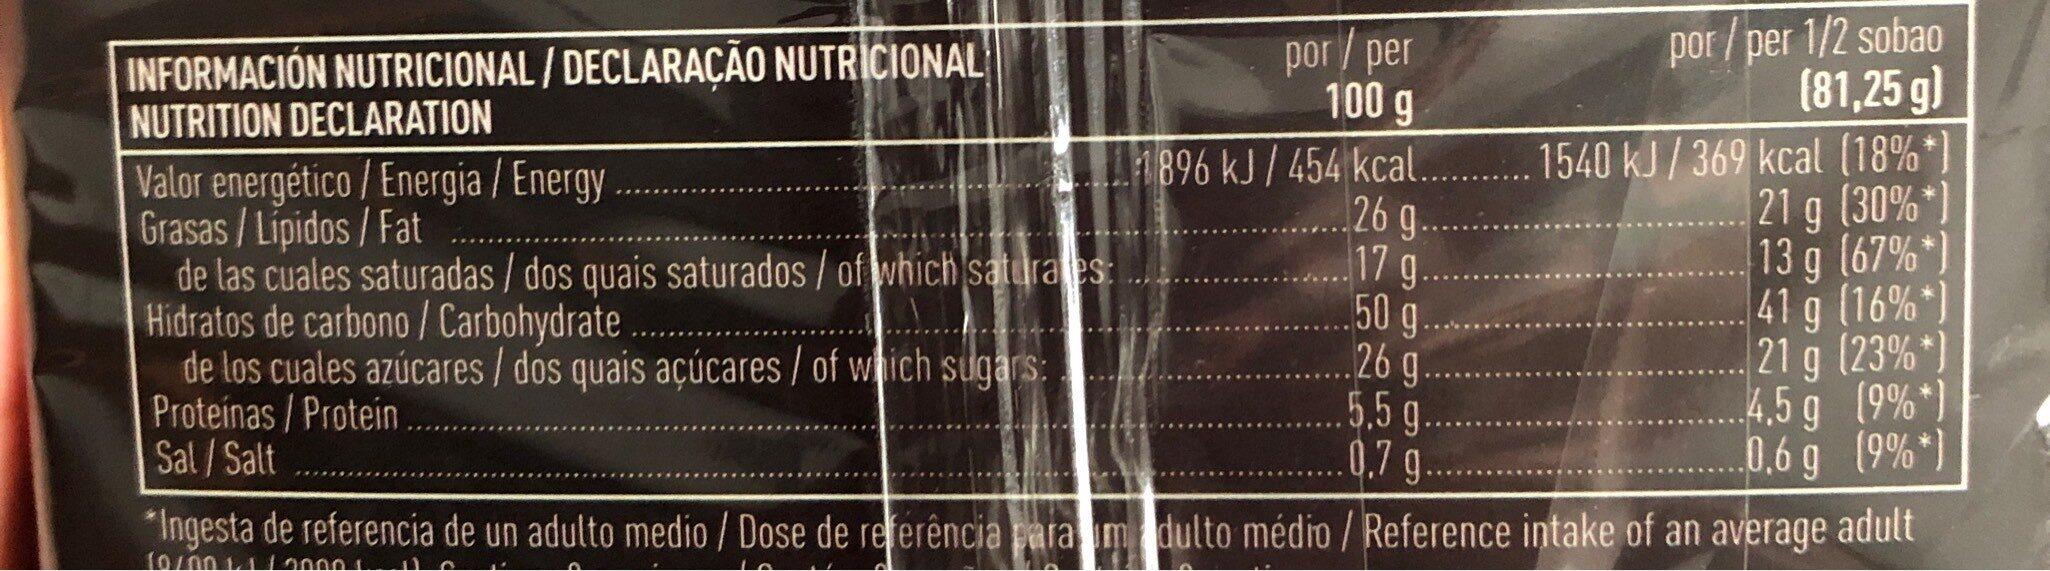 Sobaos pasiegos elaborados con mantequilla i.g.p. - Voedingswaarden - es